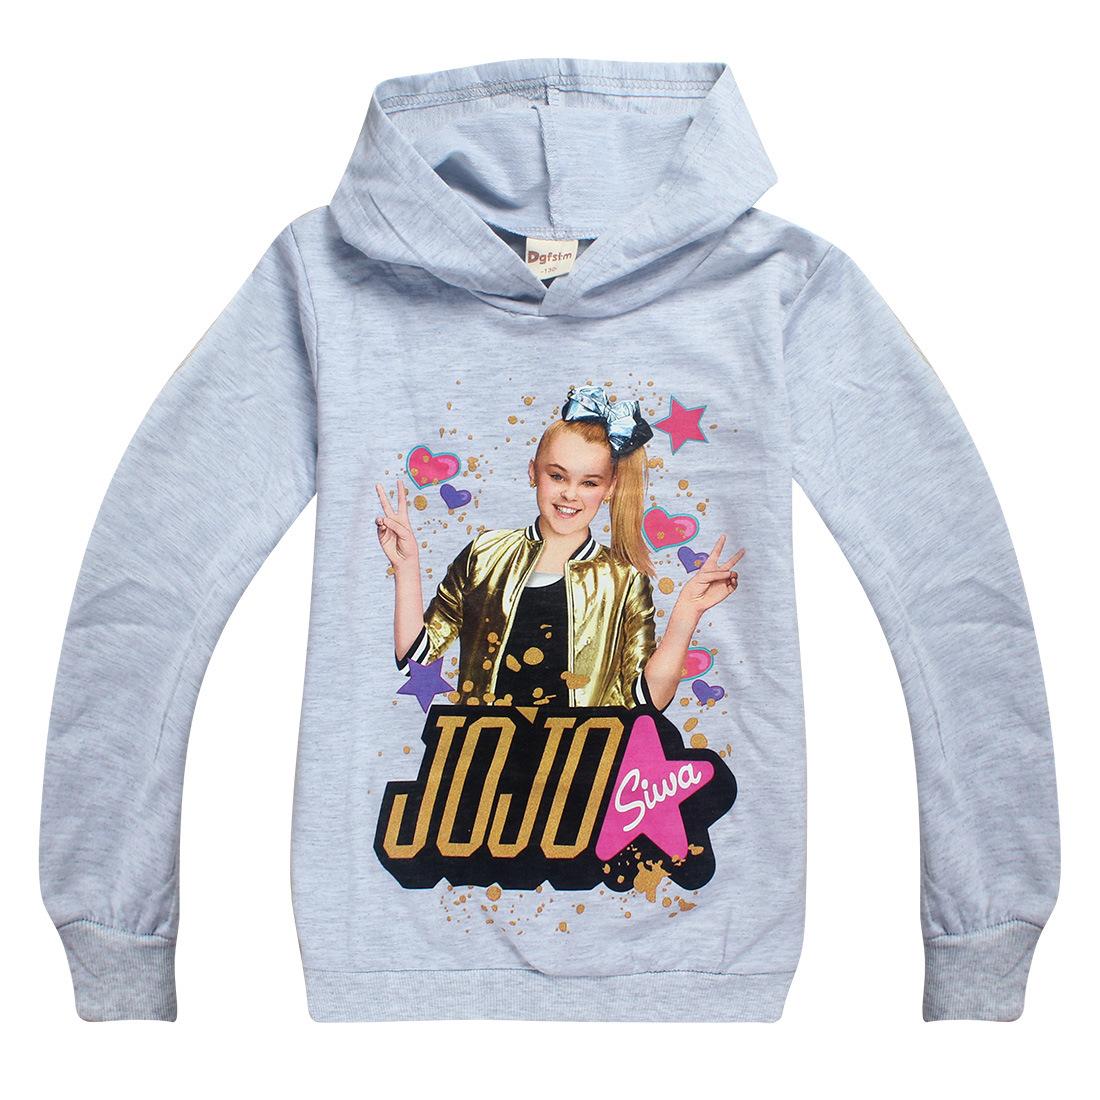 Jojo Siwa Women Hoodies Baby Girl T-shirt Spring Autumn Long Sleeve Hoodie for Children New Year Sweater tshirt Girls Kids